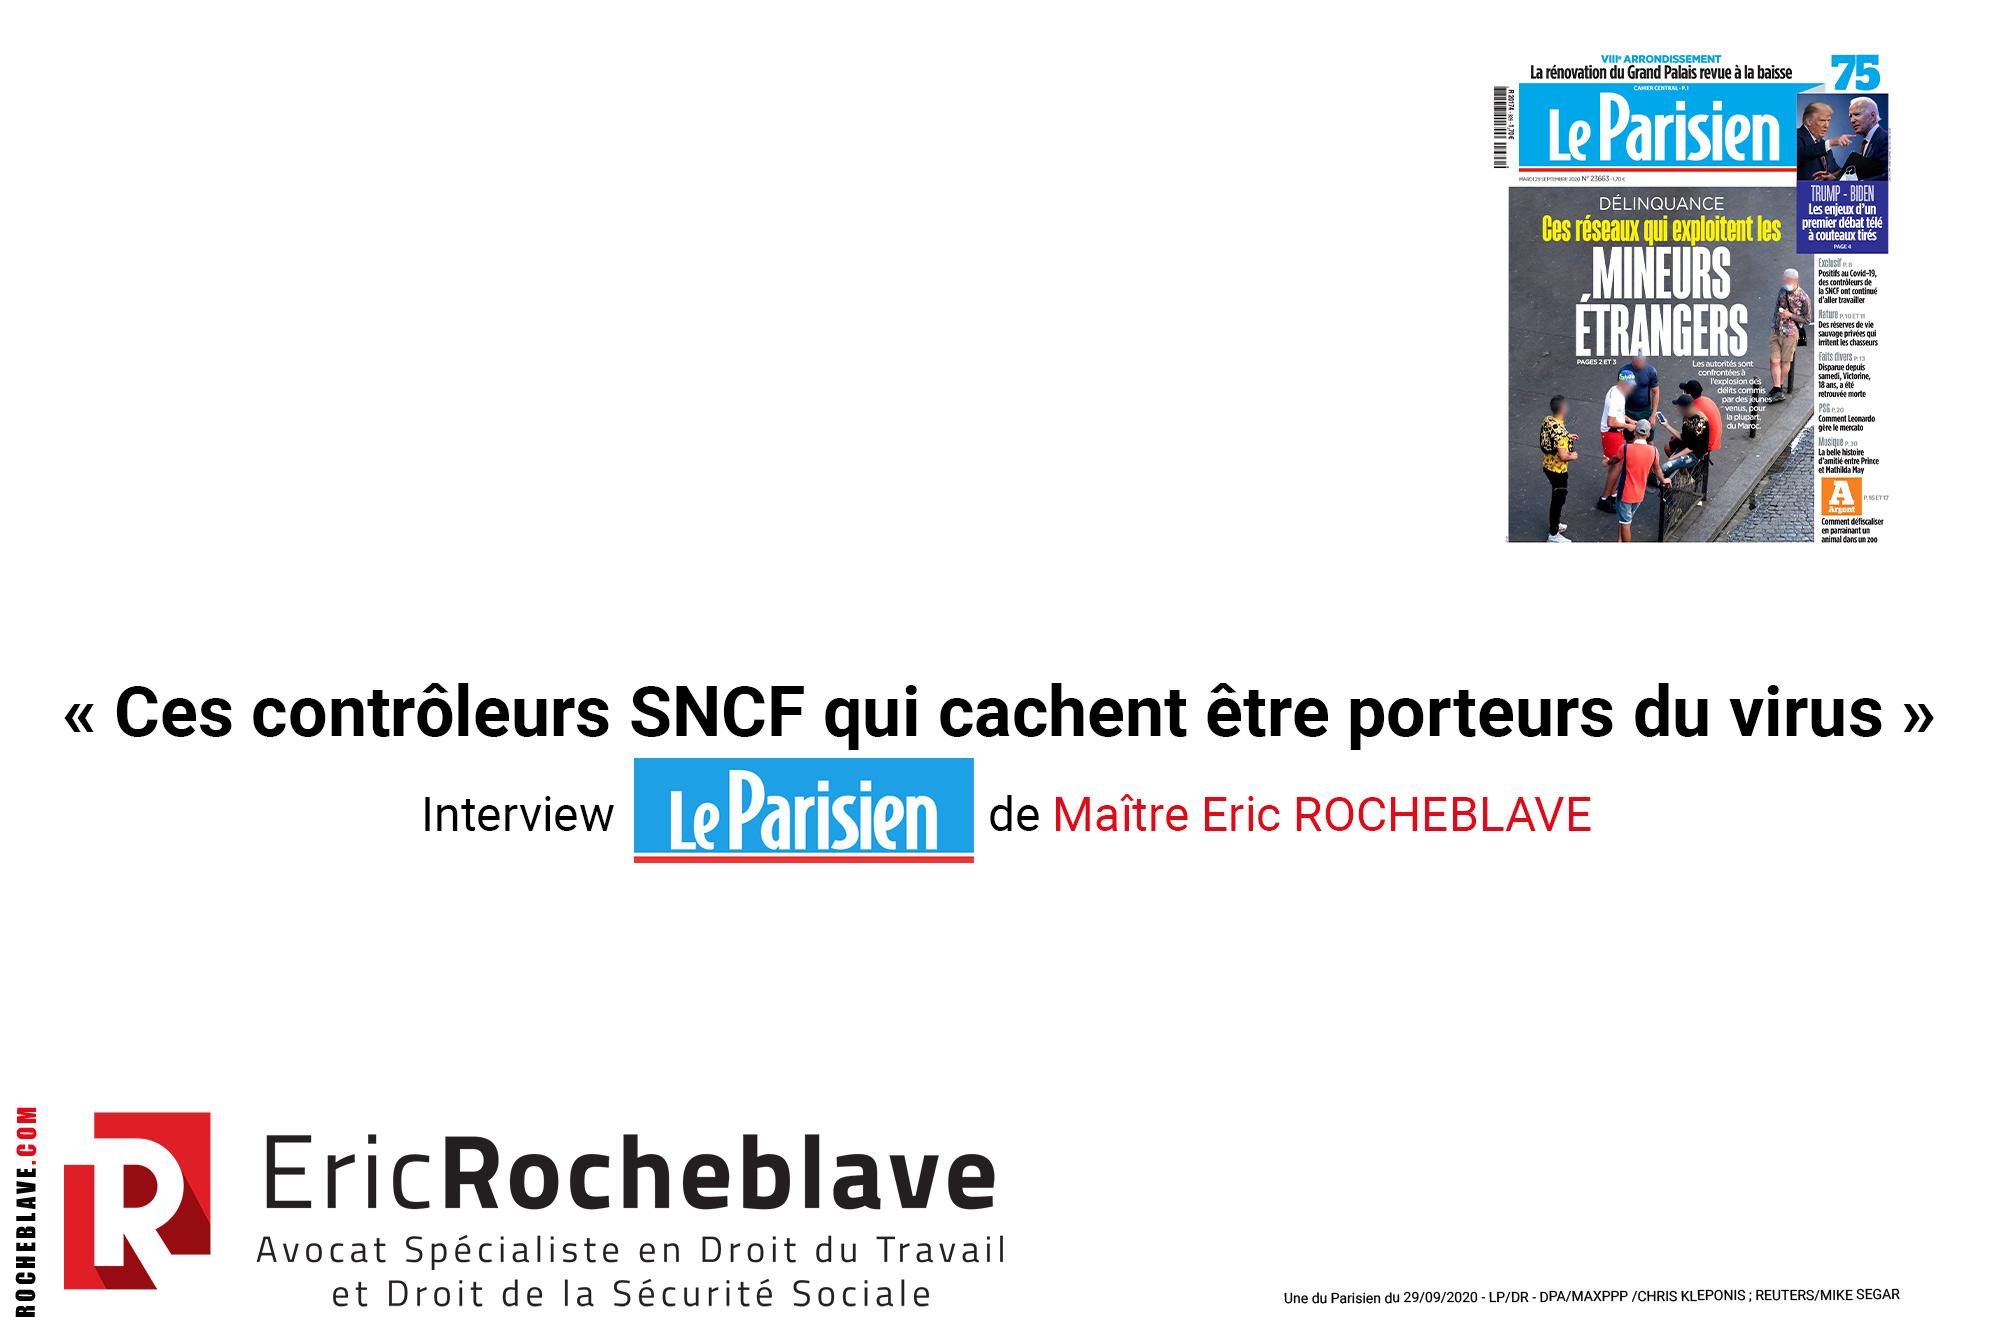 « Ces contrôleurs SNCF qui cachent être porteurs du virus »  Interview Le Parisien de Maître Eric ROCHEBLAVE